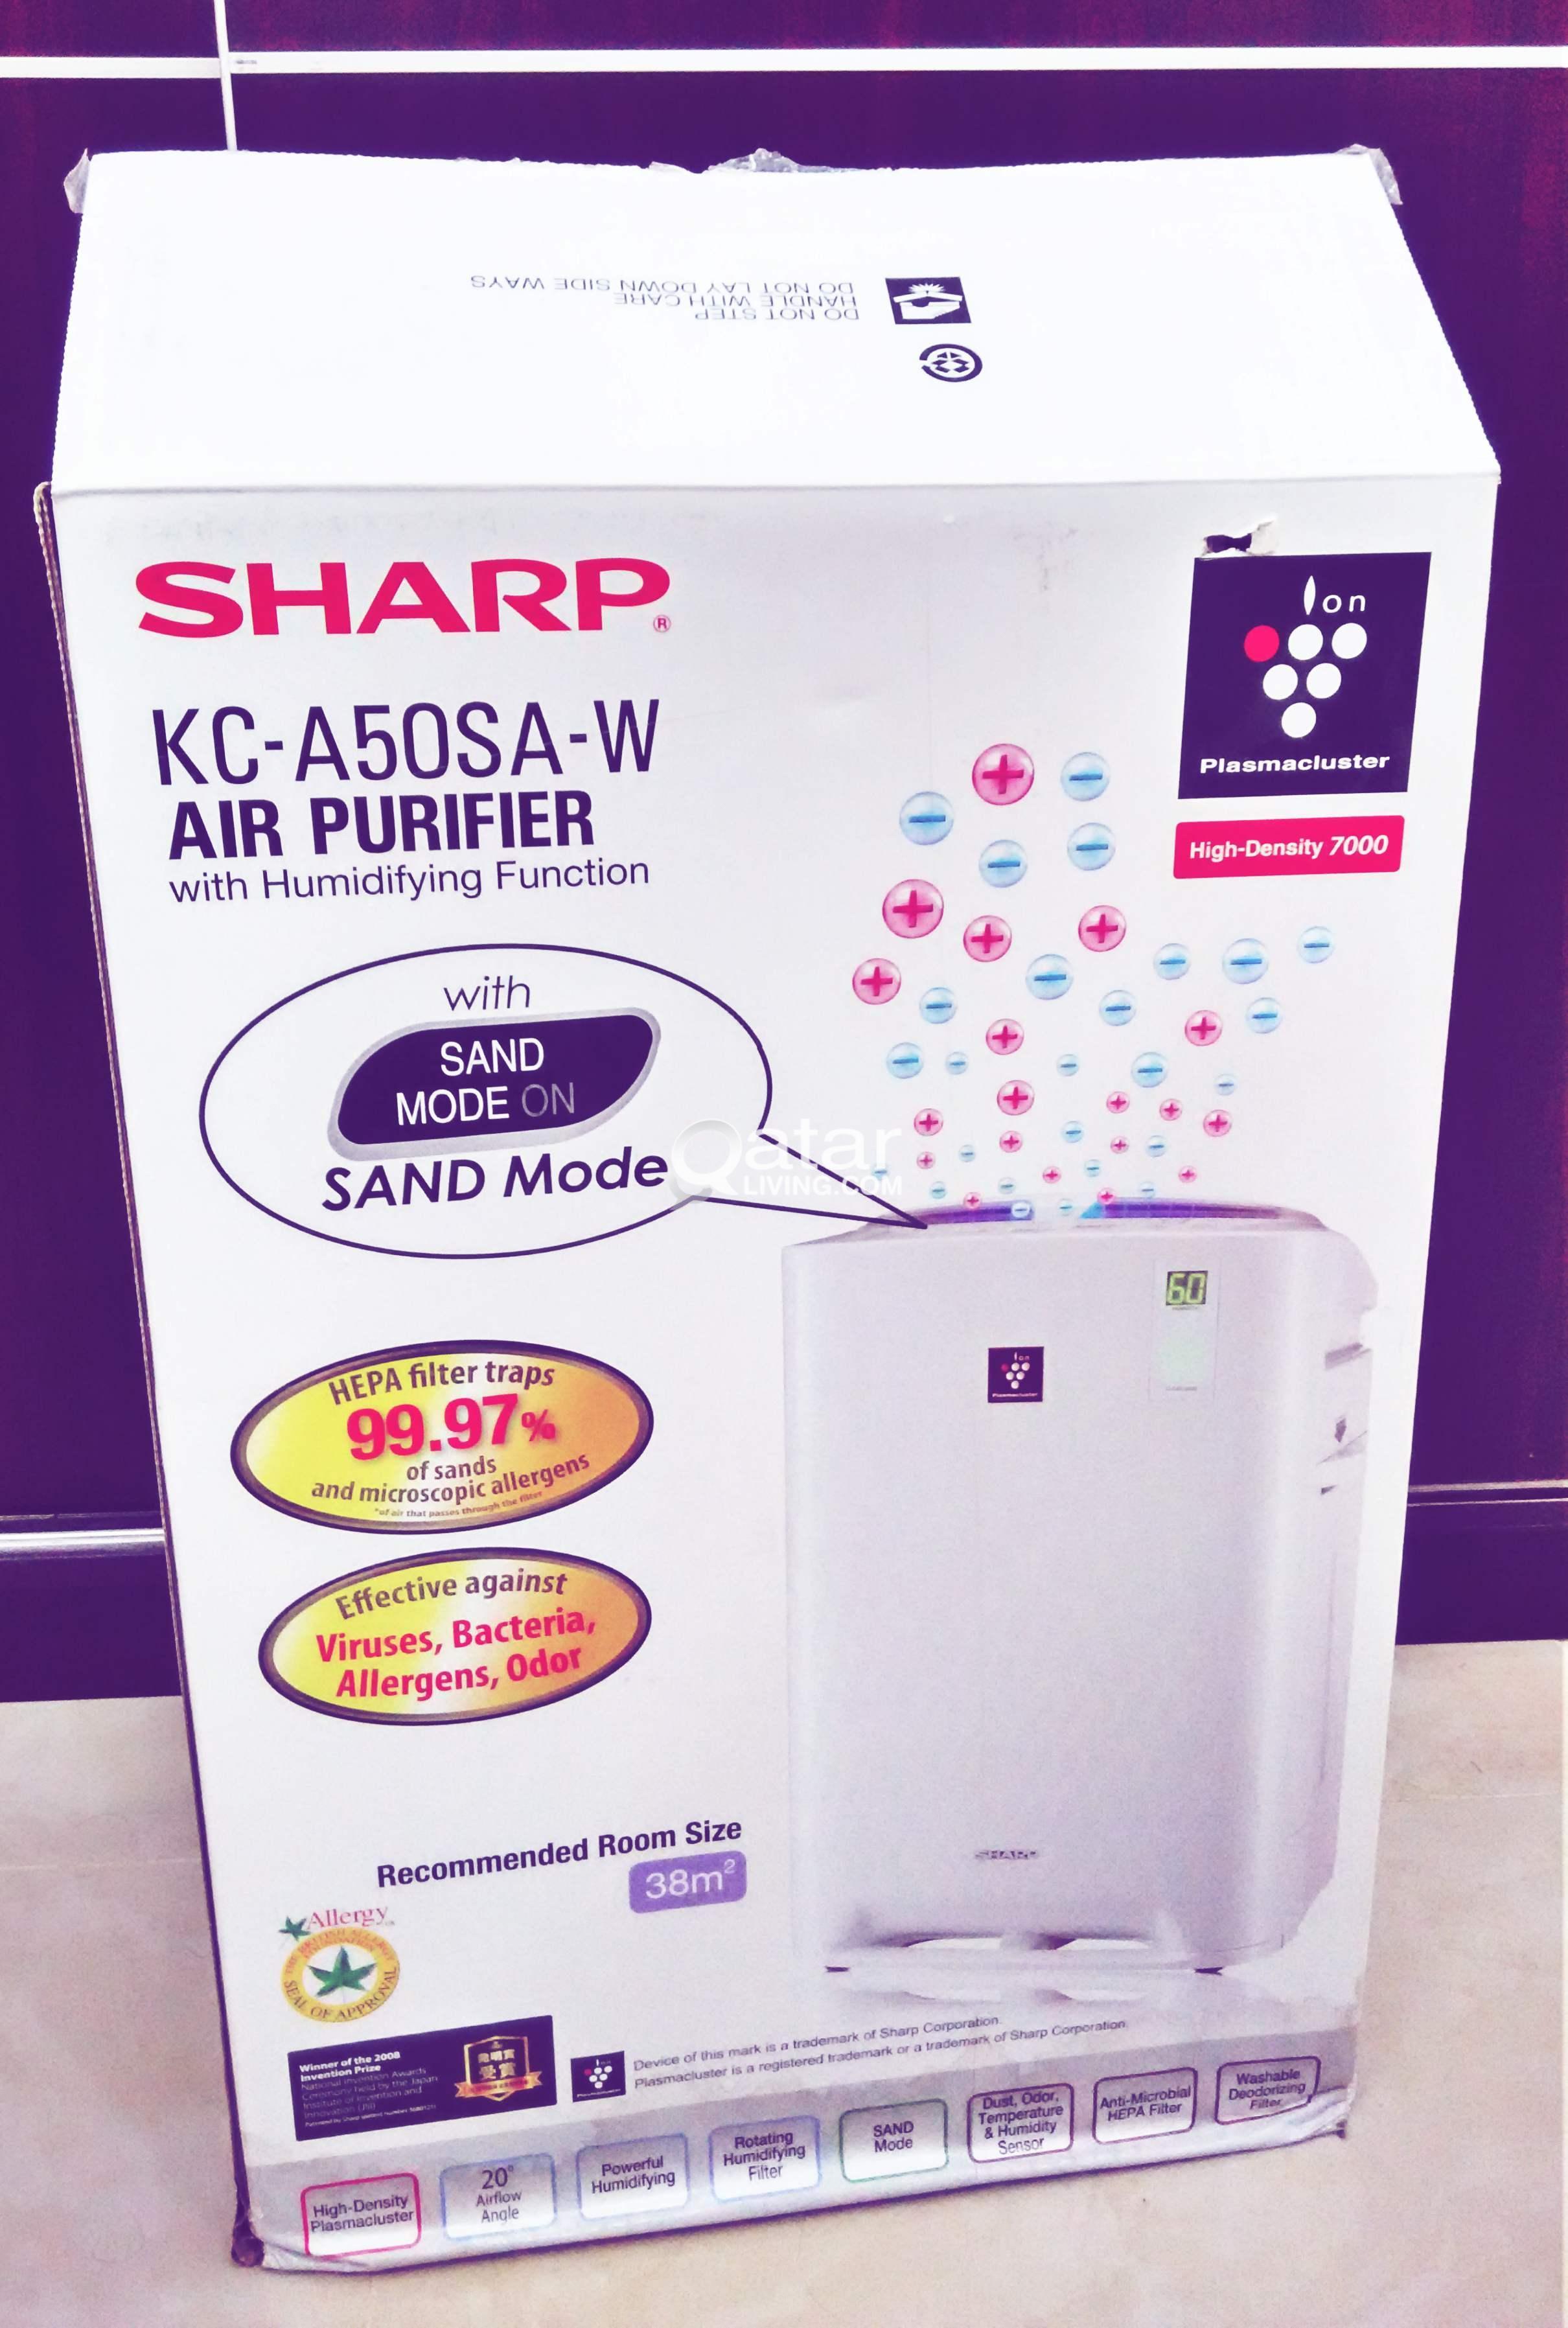 SHARP AIR PURIFIER/HUMIDIFIER | Qatar Living